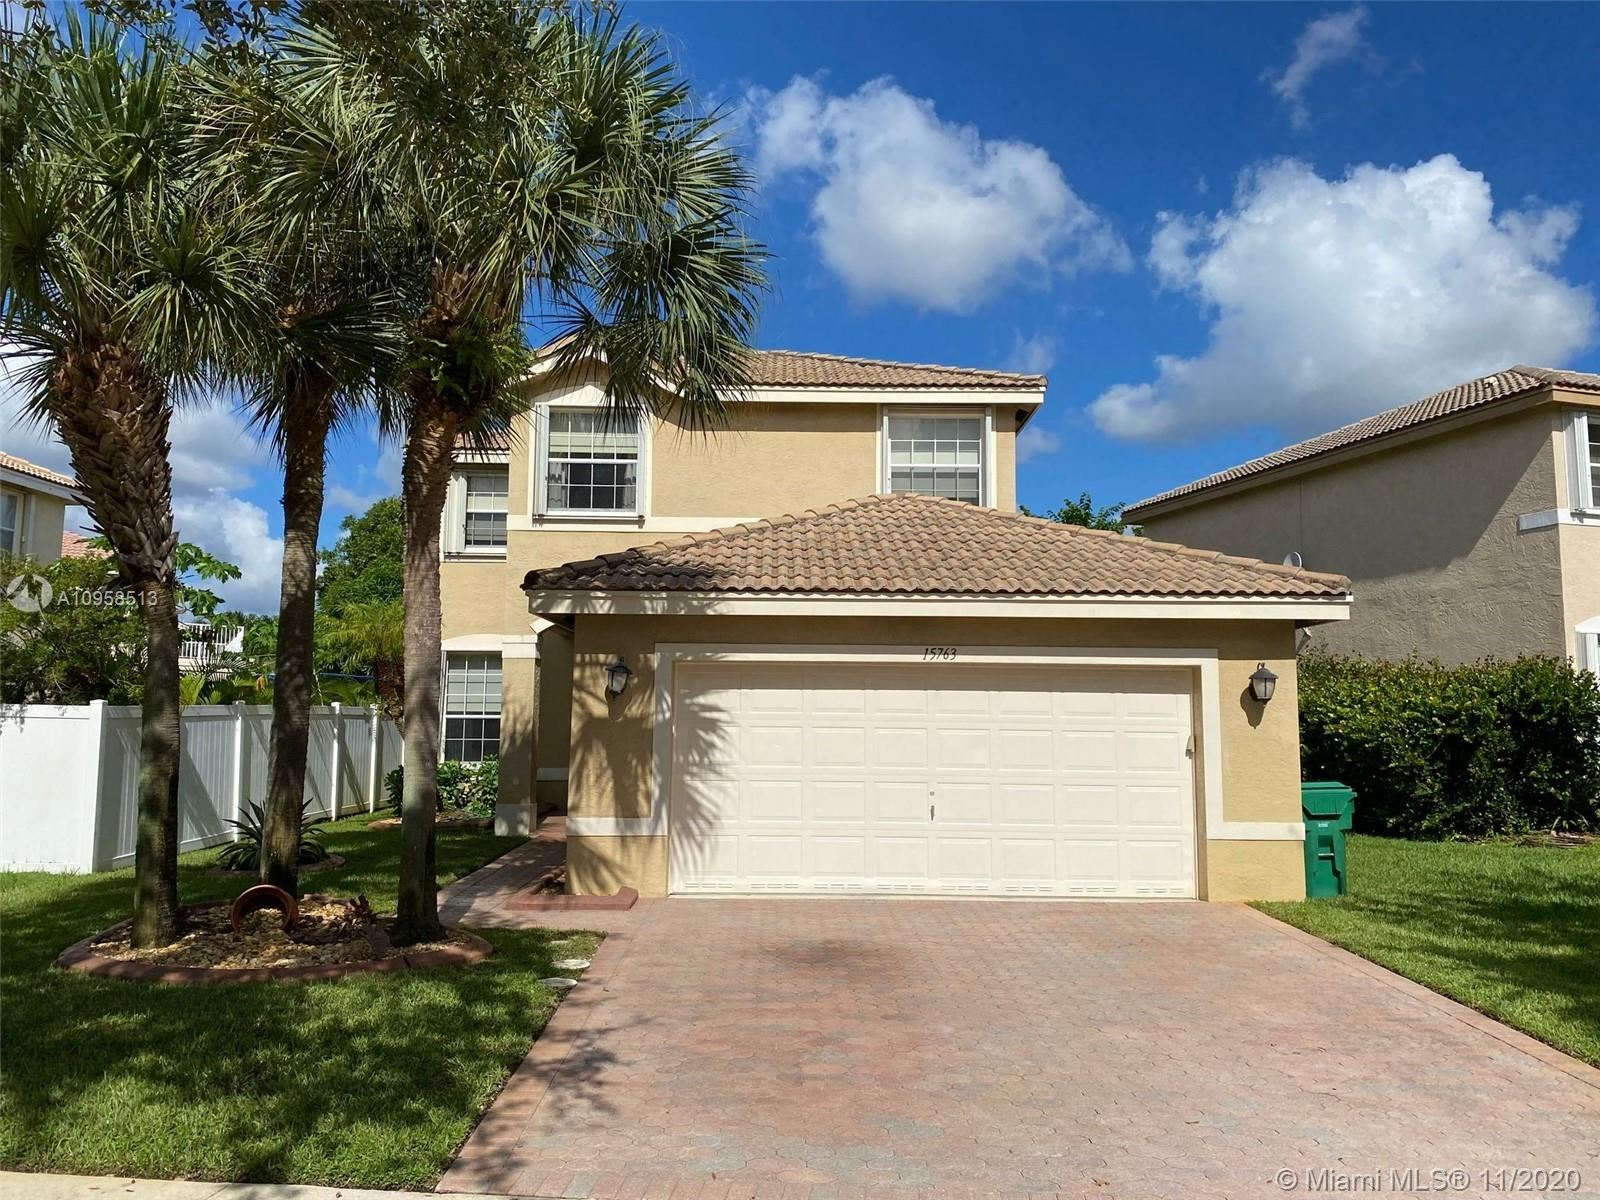 Photo of 15763 SW 21st St, Miramar, FL 33027 (MLS # A10958513)